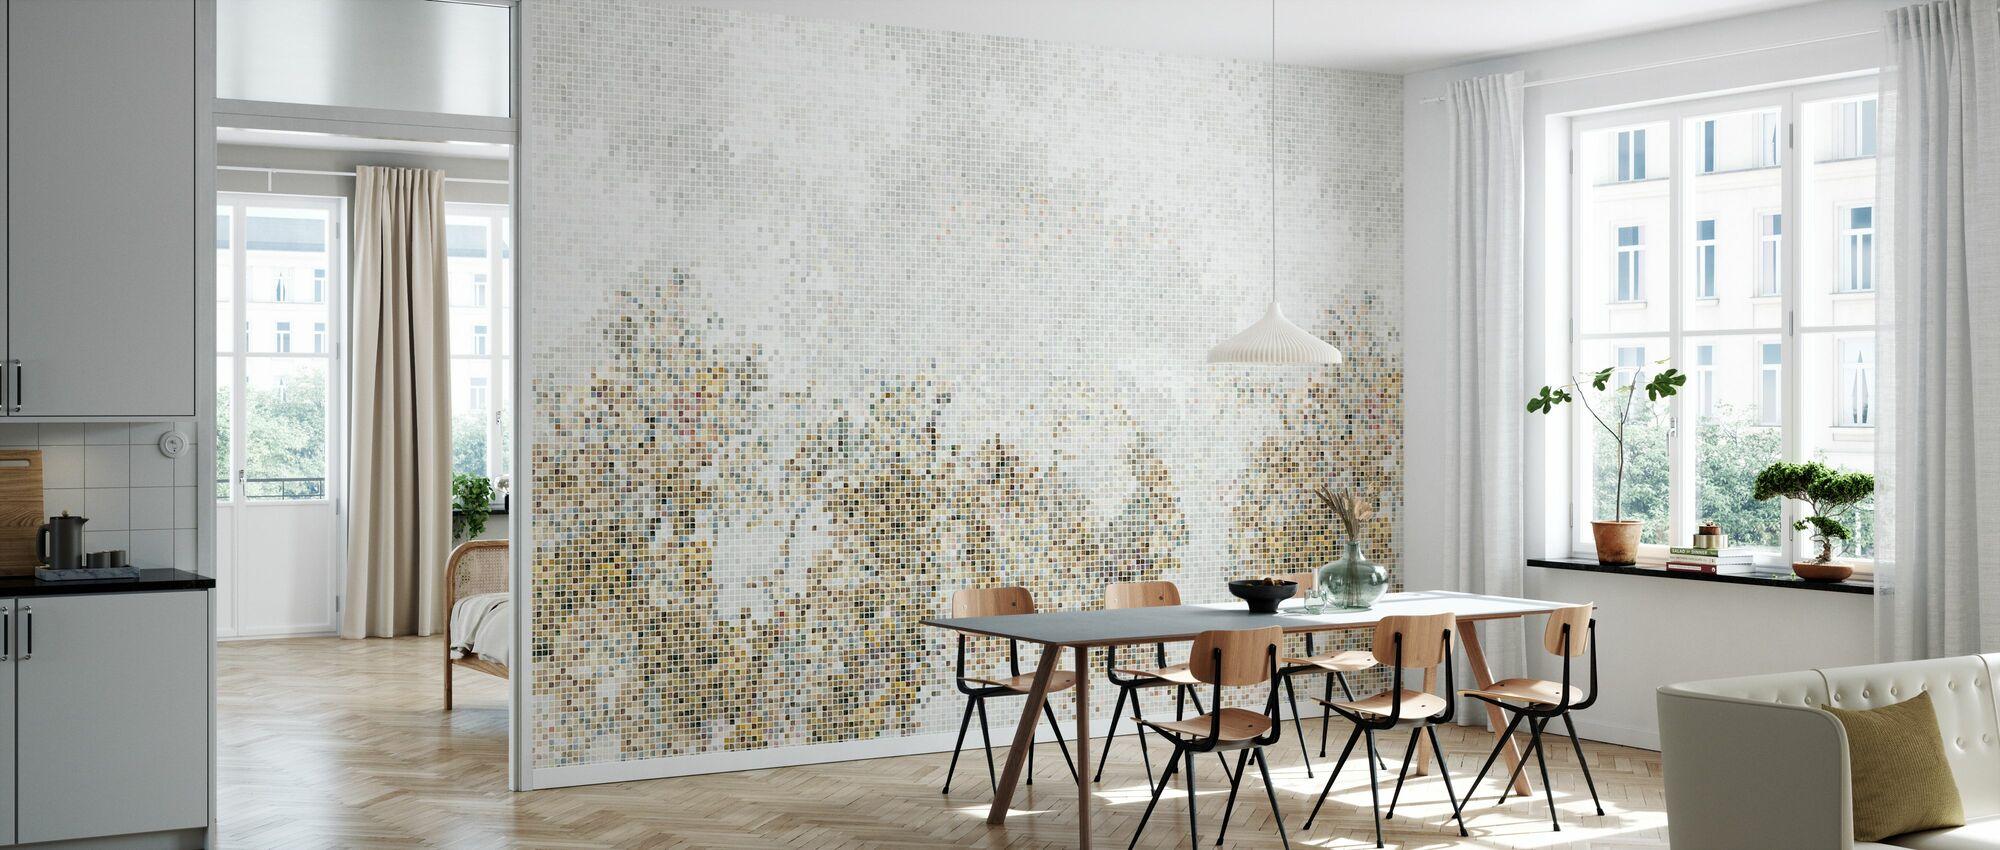 Mosaikk skog - Golden - Tapet - Kjøkken